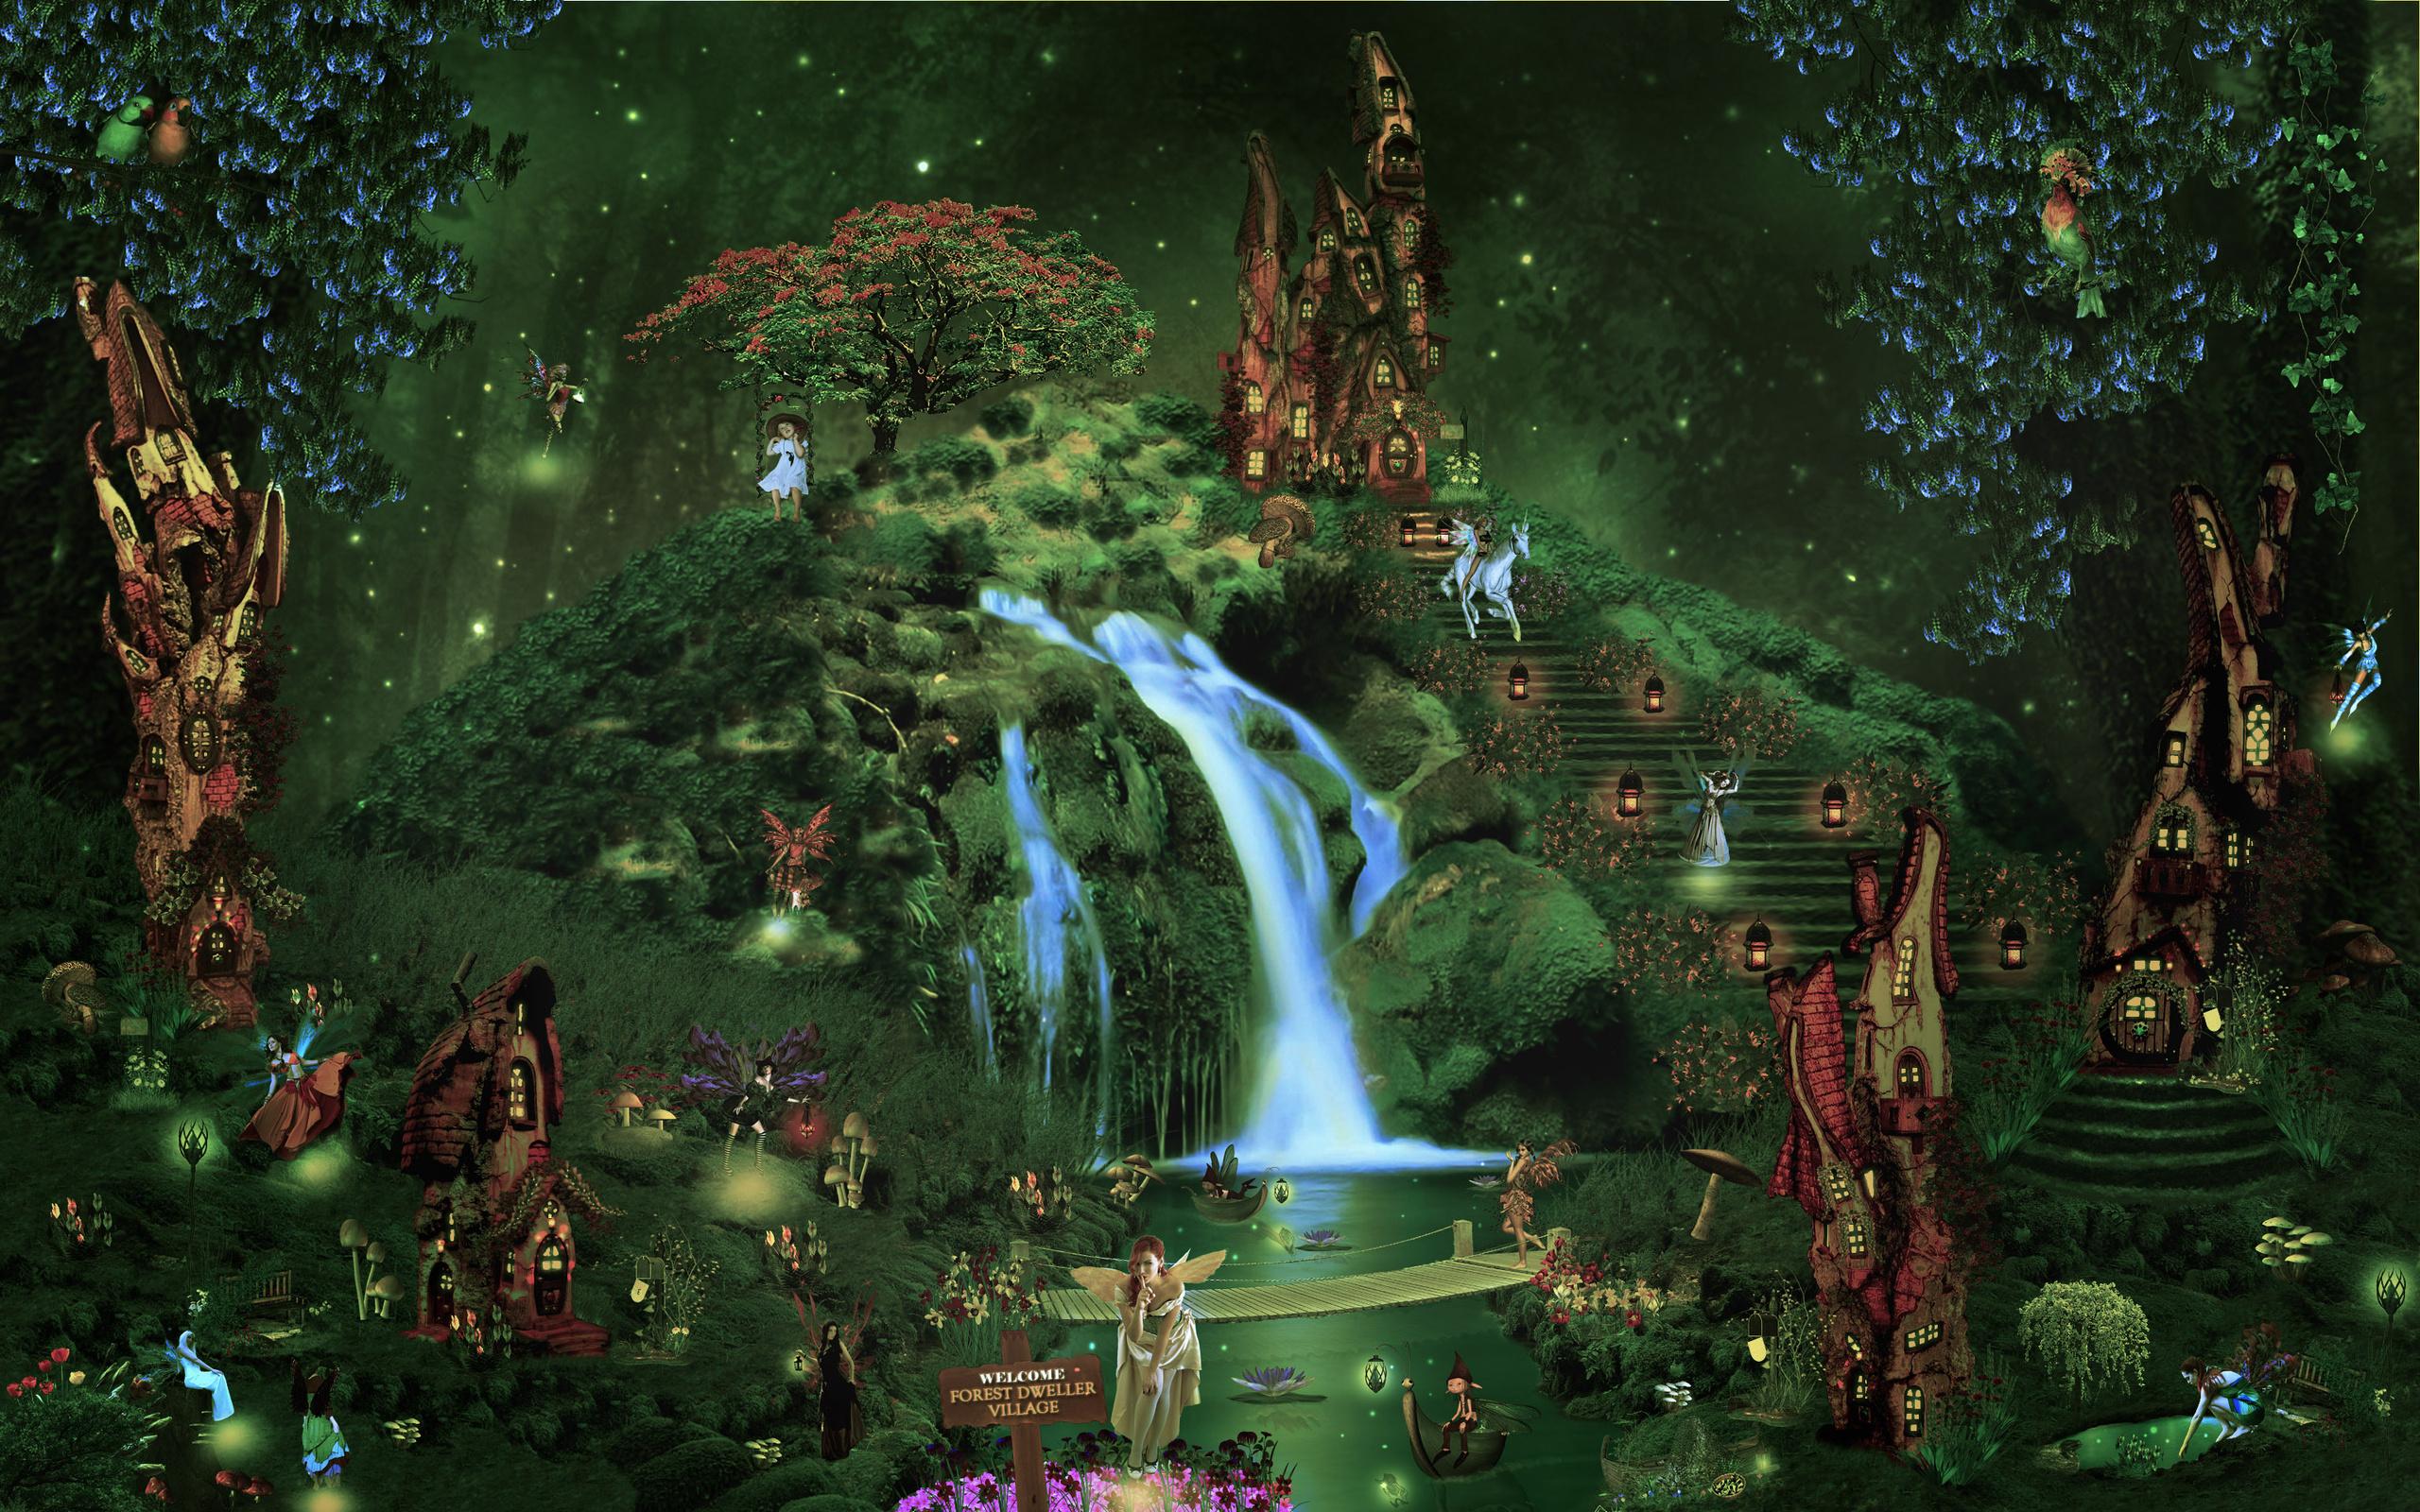 fairy elf magical wallpaper 2560x1600 110587 WallpaperUP 2560x1600